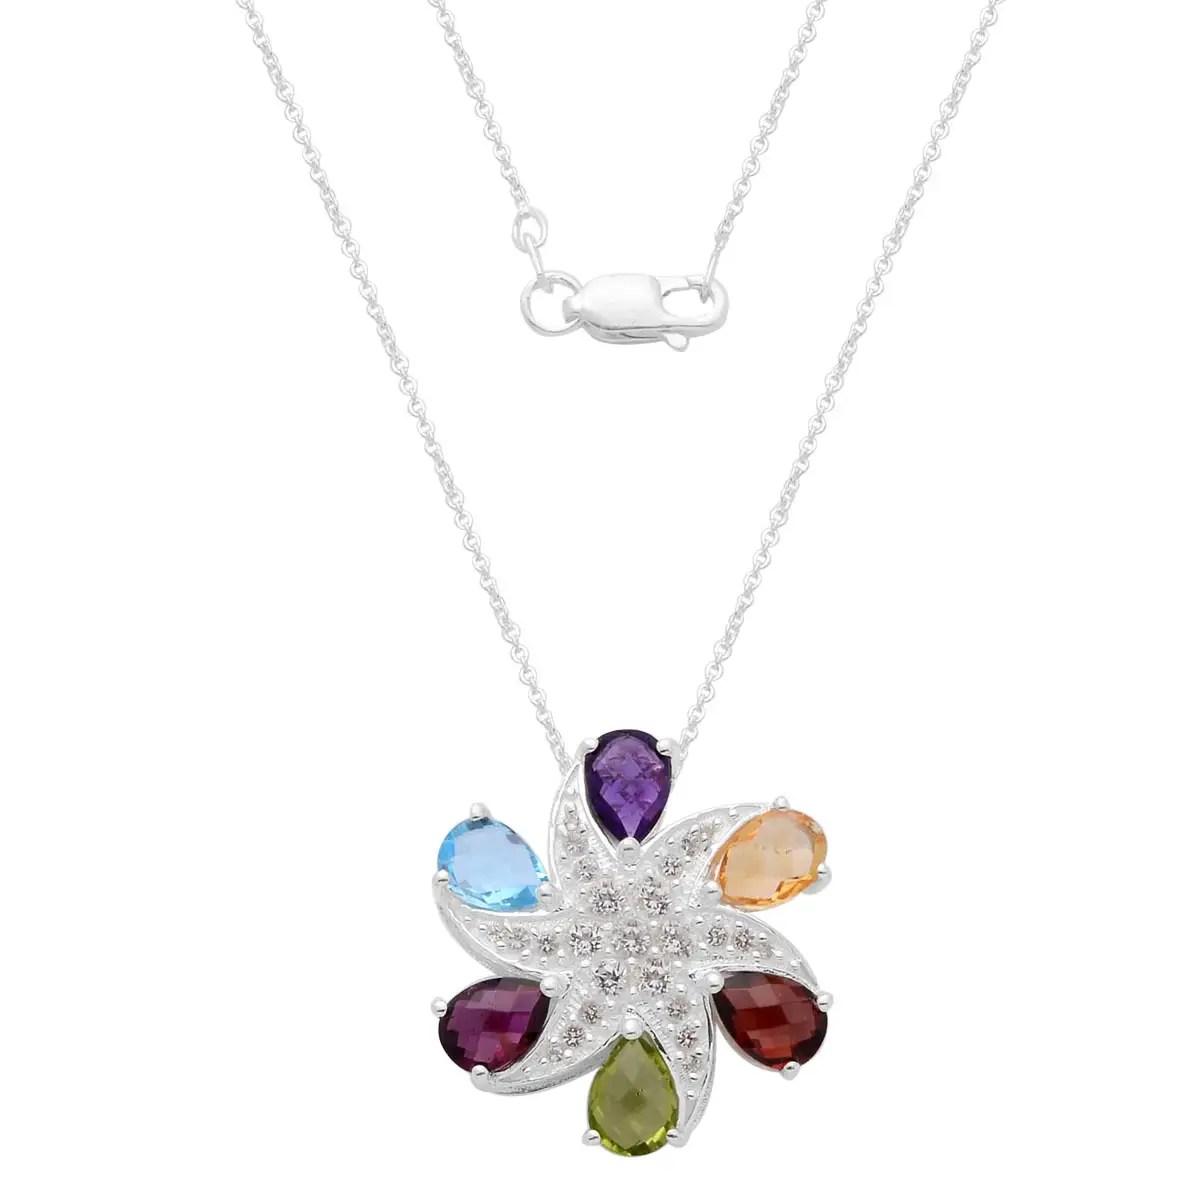 Chain Rainbow Pendant Necklace 925 Silver Garnet Rhodolite